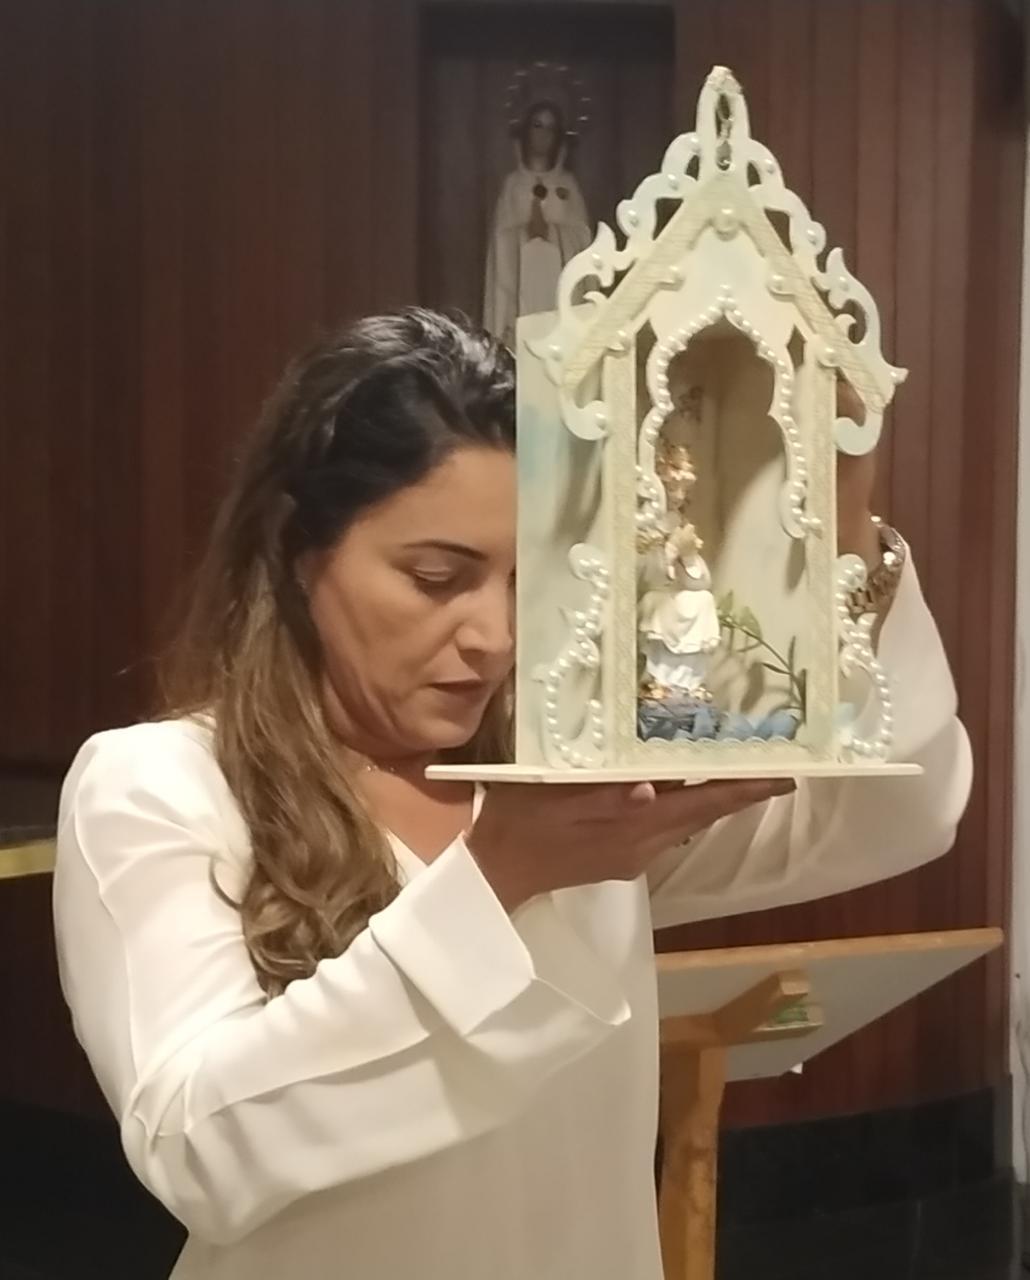 PARÓQUIA NOSSA SENHORA ROSA MÍSTICA – MONTES CLAROS/MG